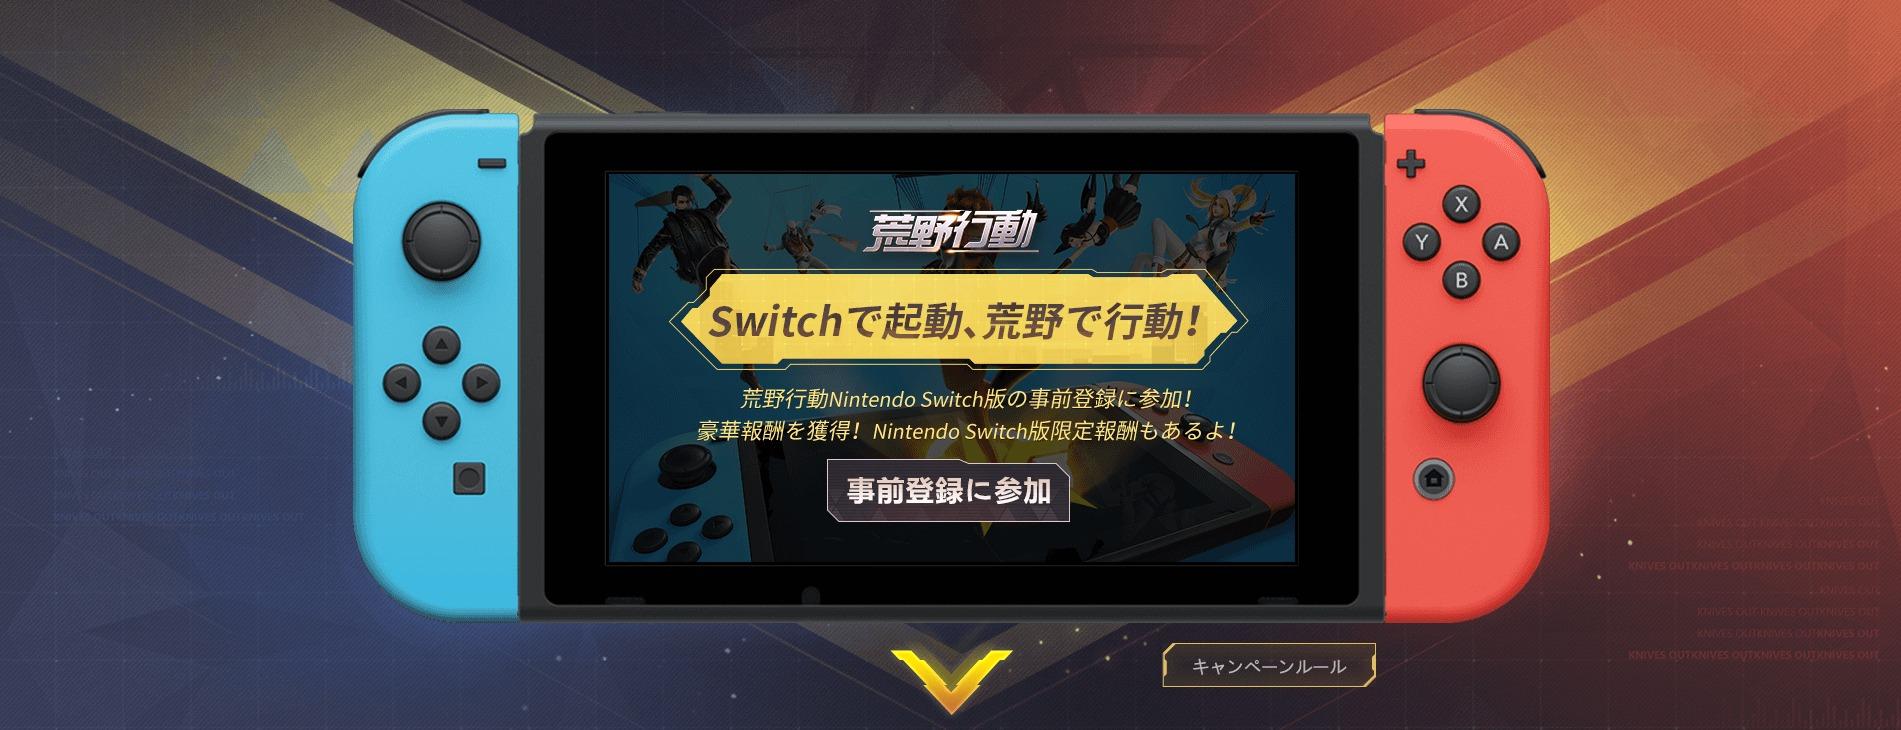 《荒野行动》Switch版预注册开启 10月正式上线